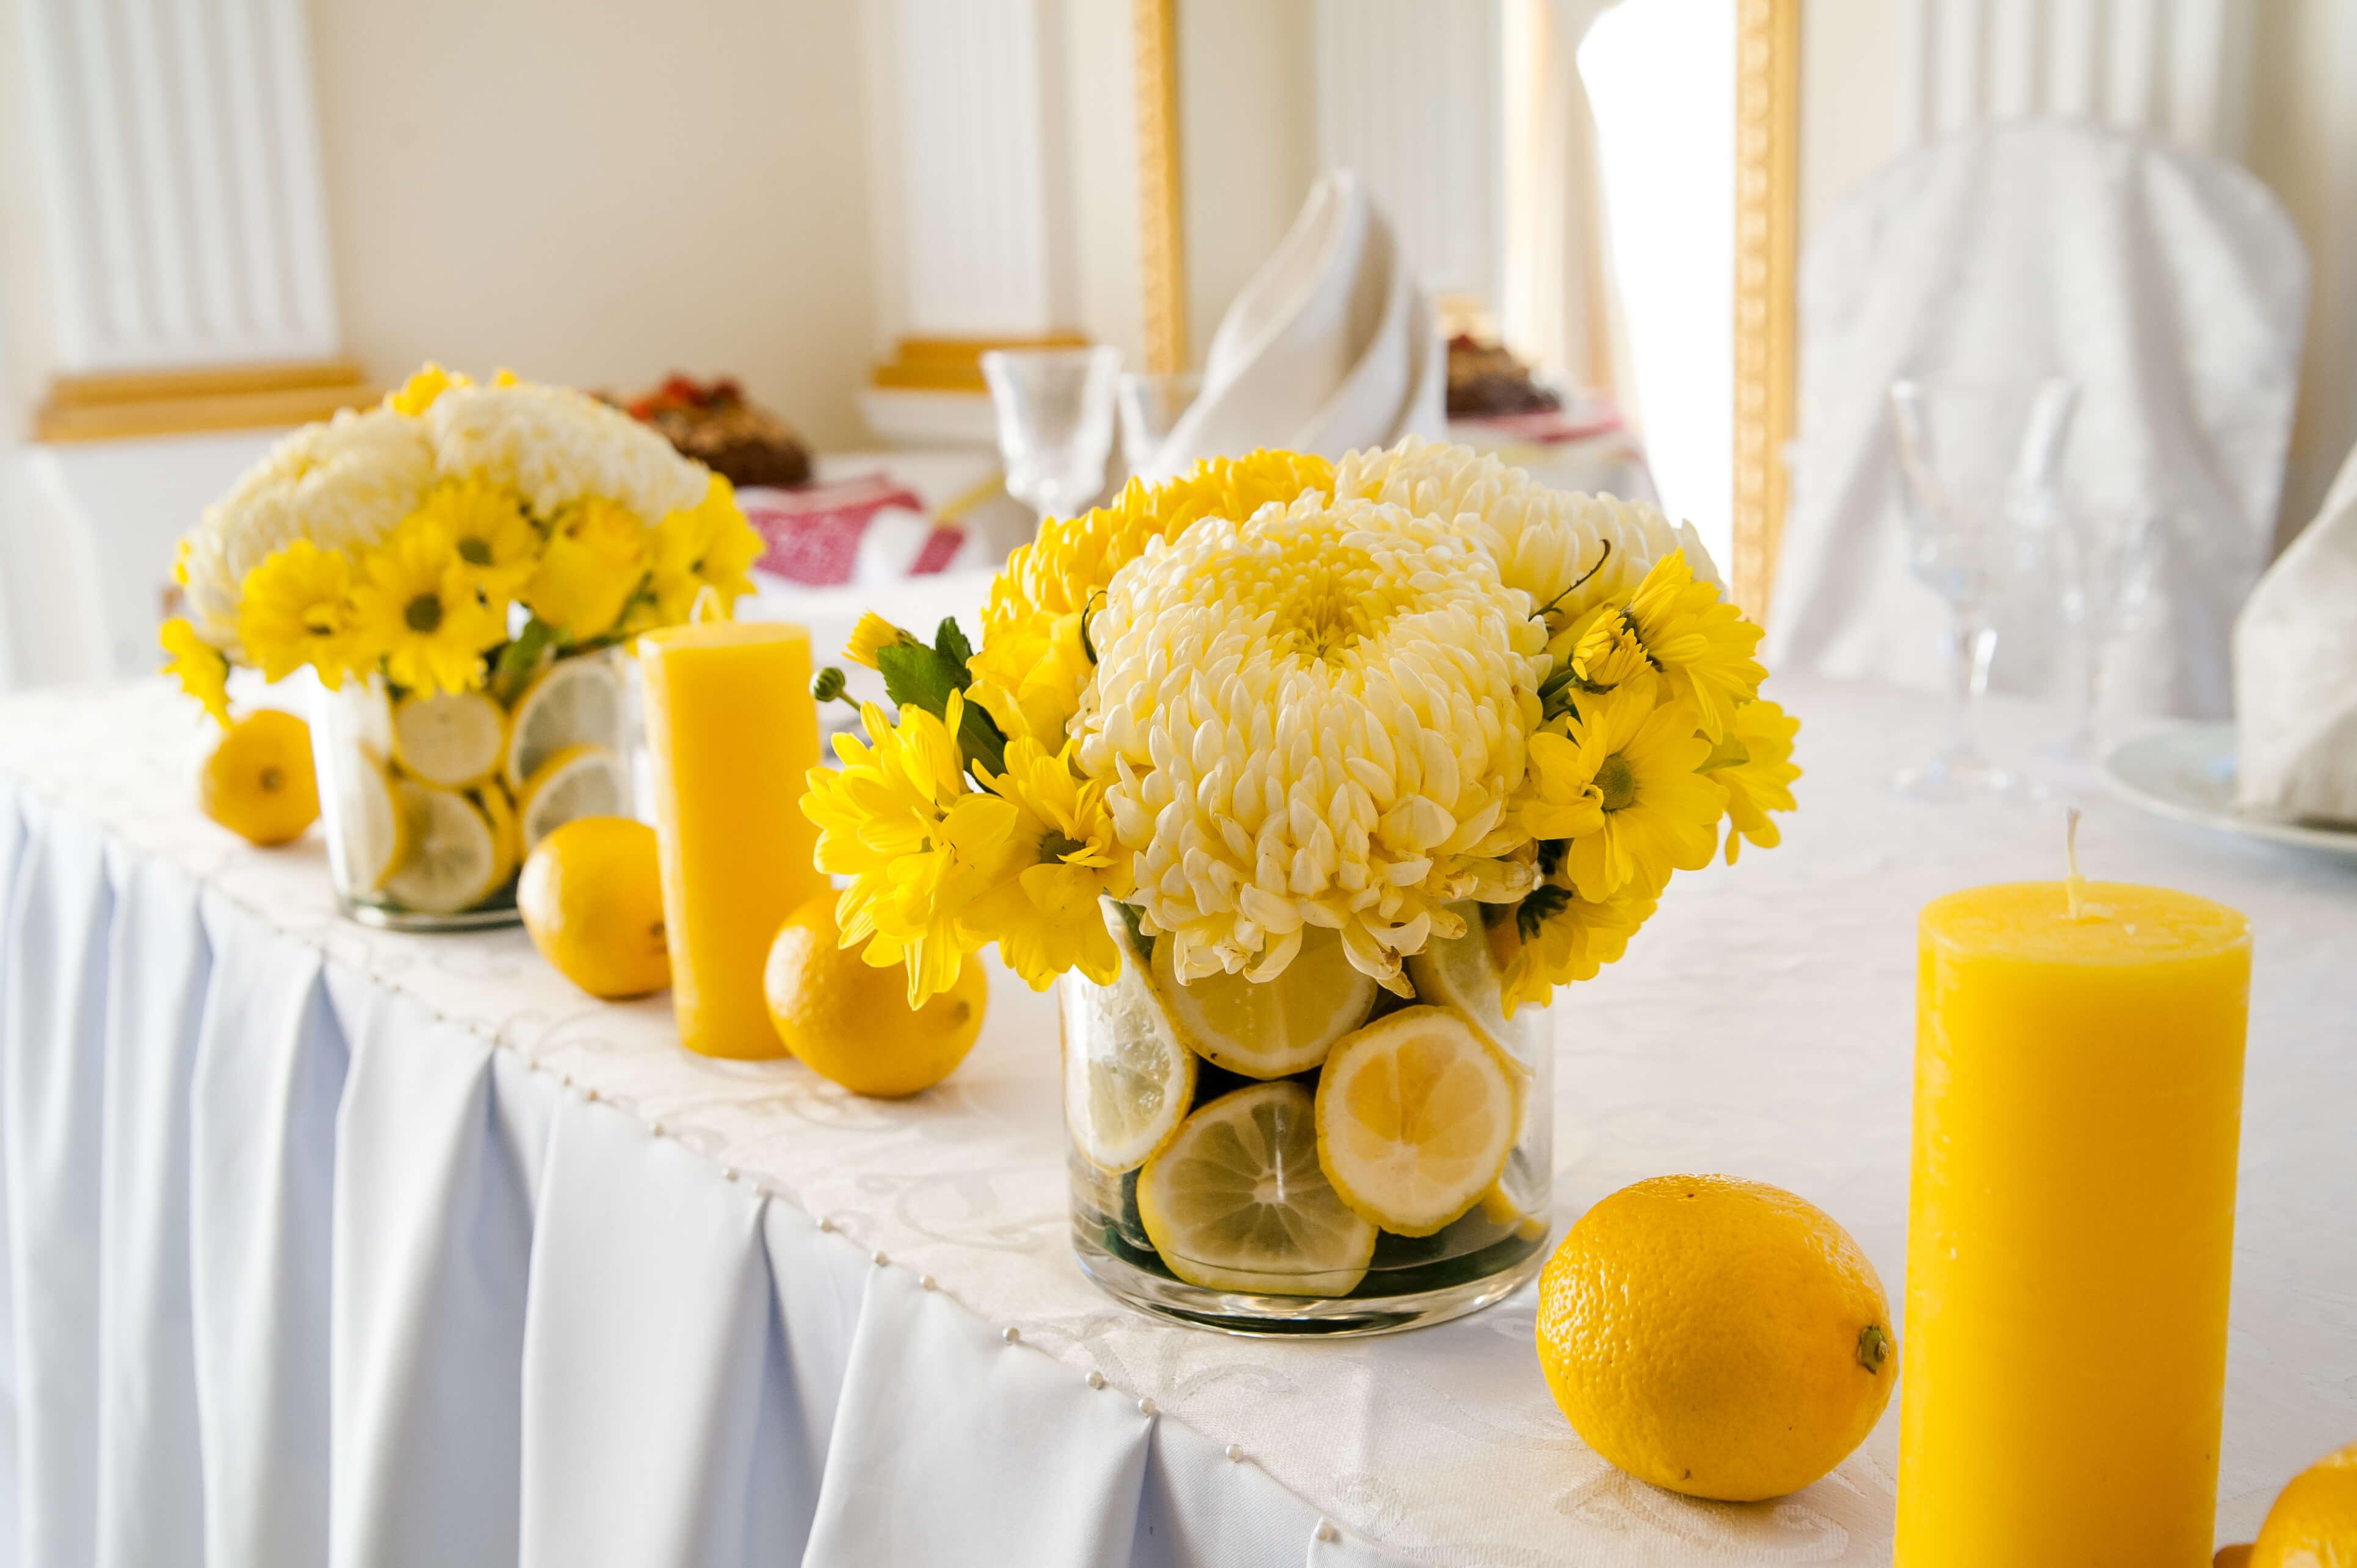 оформление стола молодых в лимонном стиле